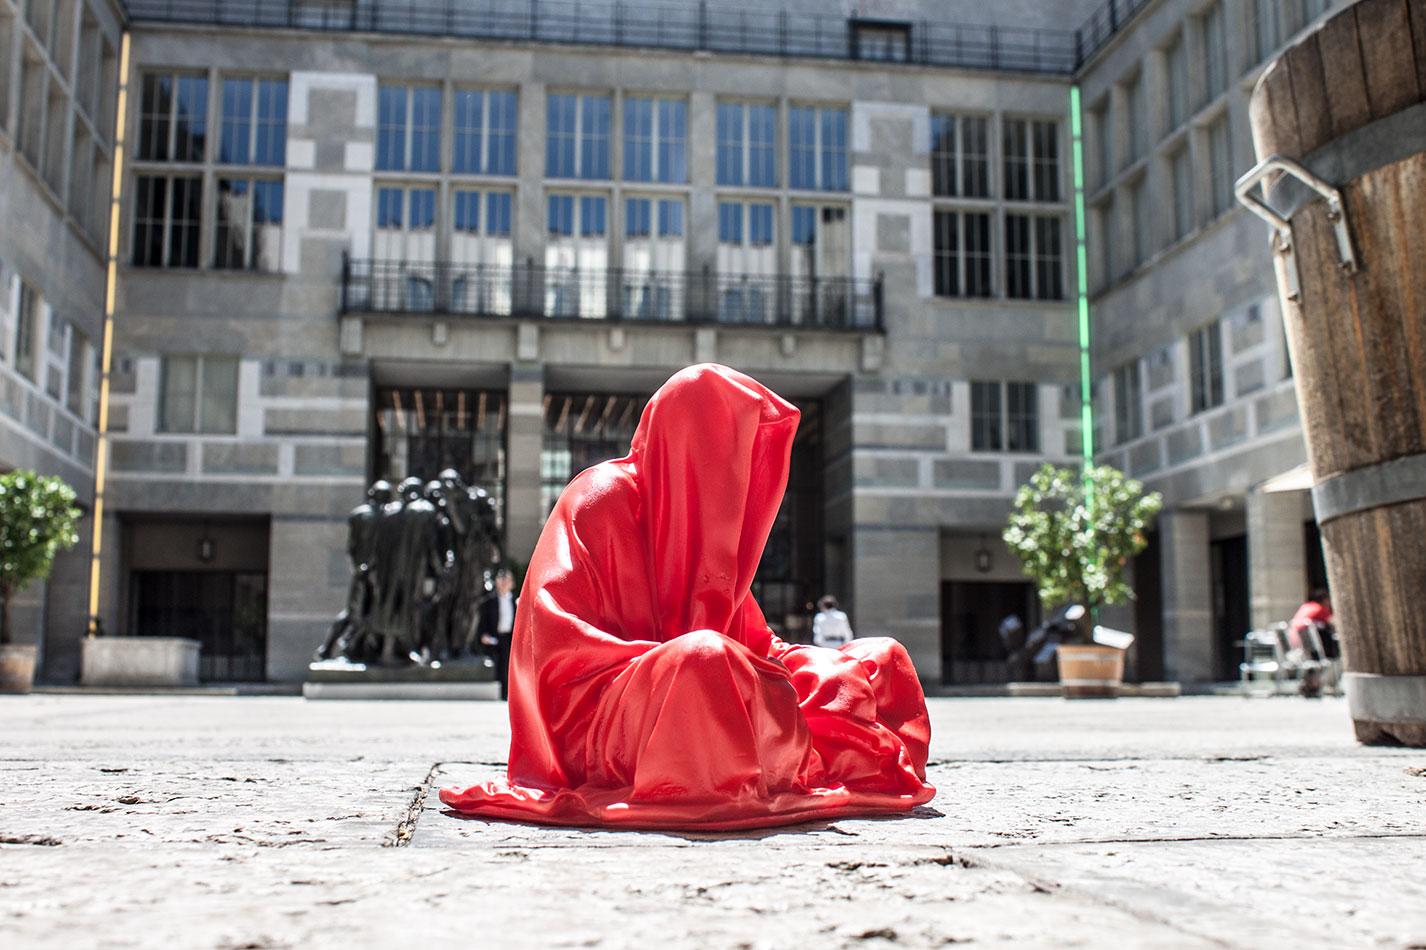 highlights-public-artbasel-kunsthaus-basel-scope-art-show-guardians-of-time-manfred-kielnhofer-steinreich-contemporary-art-sculpture-tour-art-parcours-1601